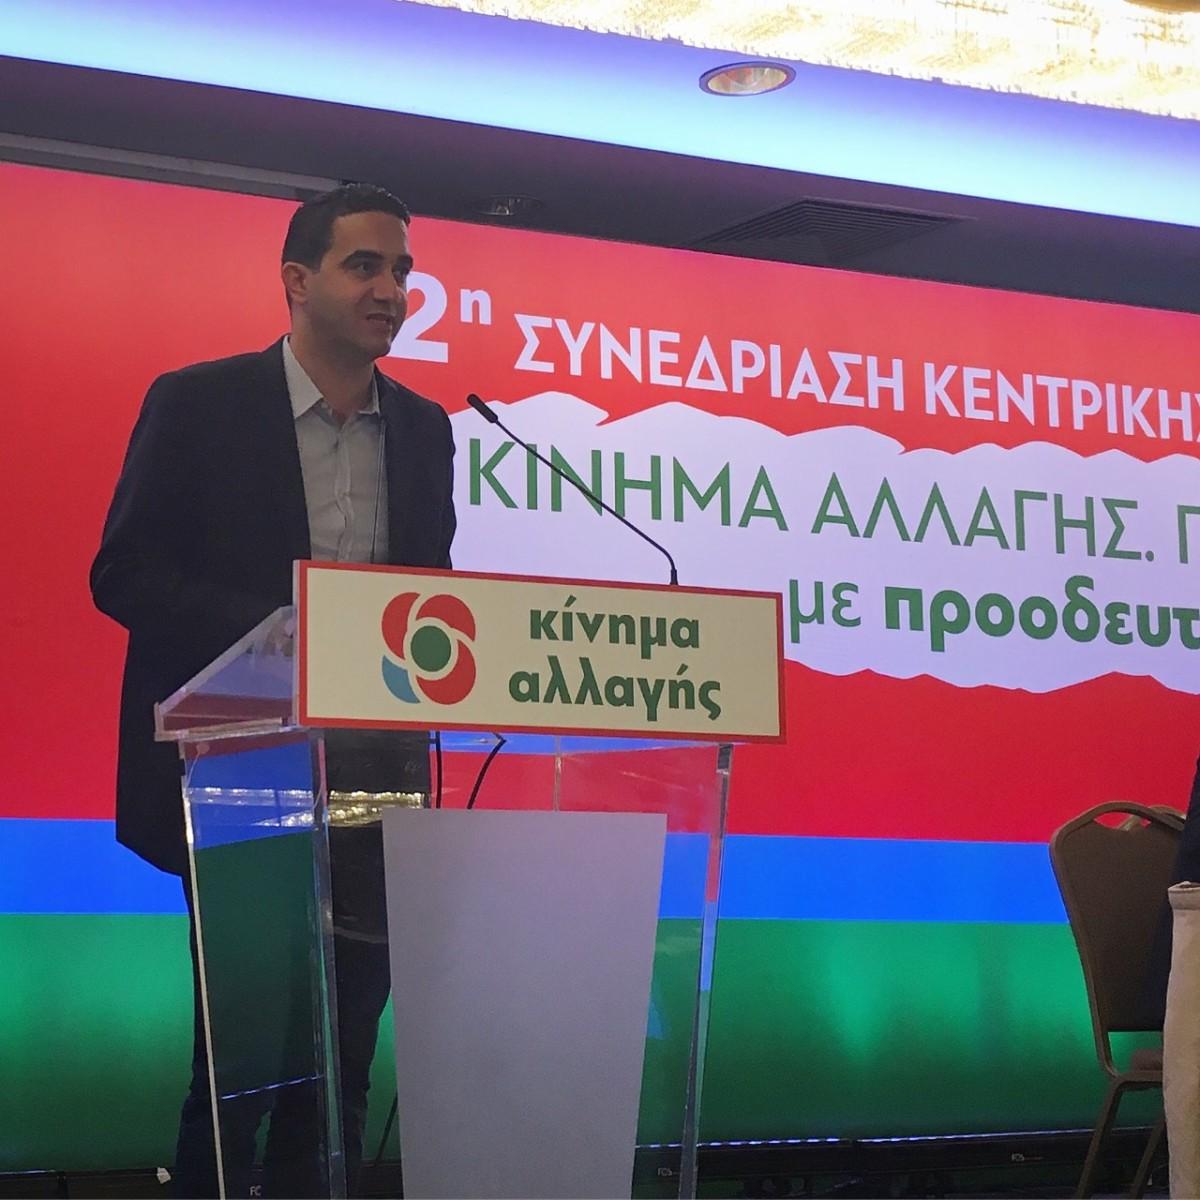 Ομιλία Μιχάλη Κατρίνη στη 2η συνεδρίαση της ΚΠΕ του κινήματος αλλαγής